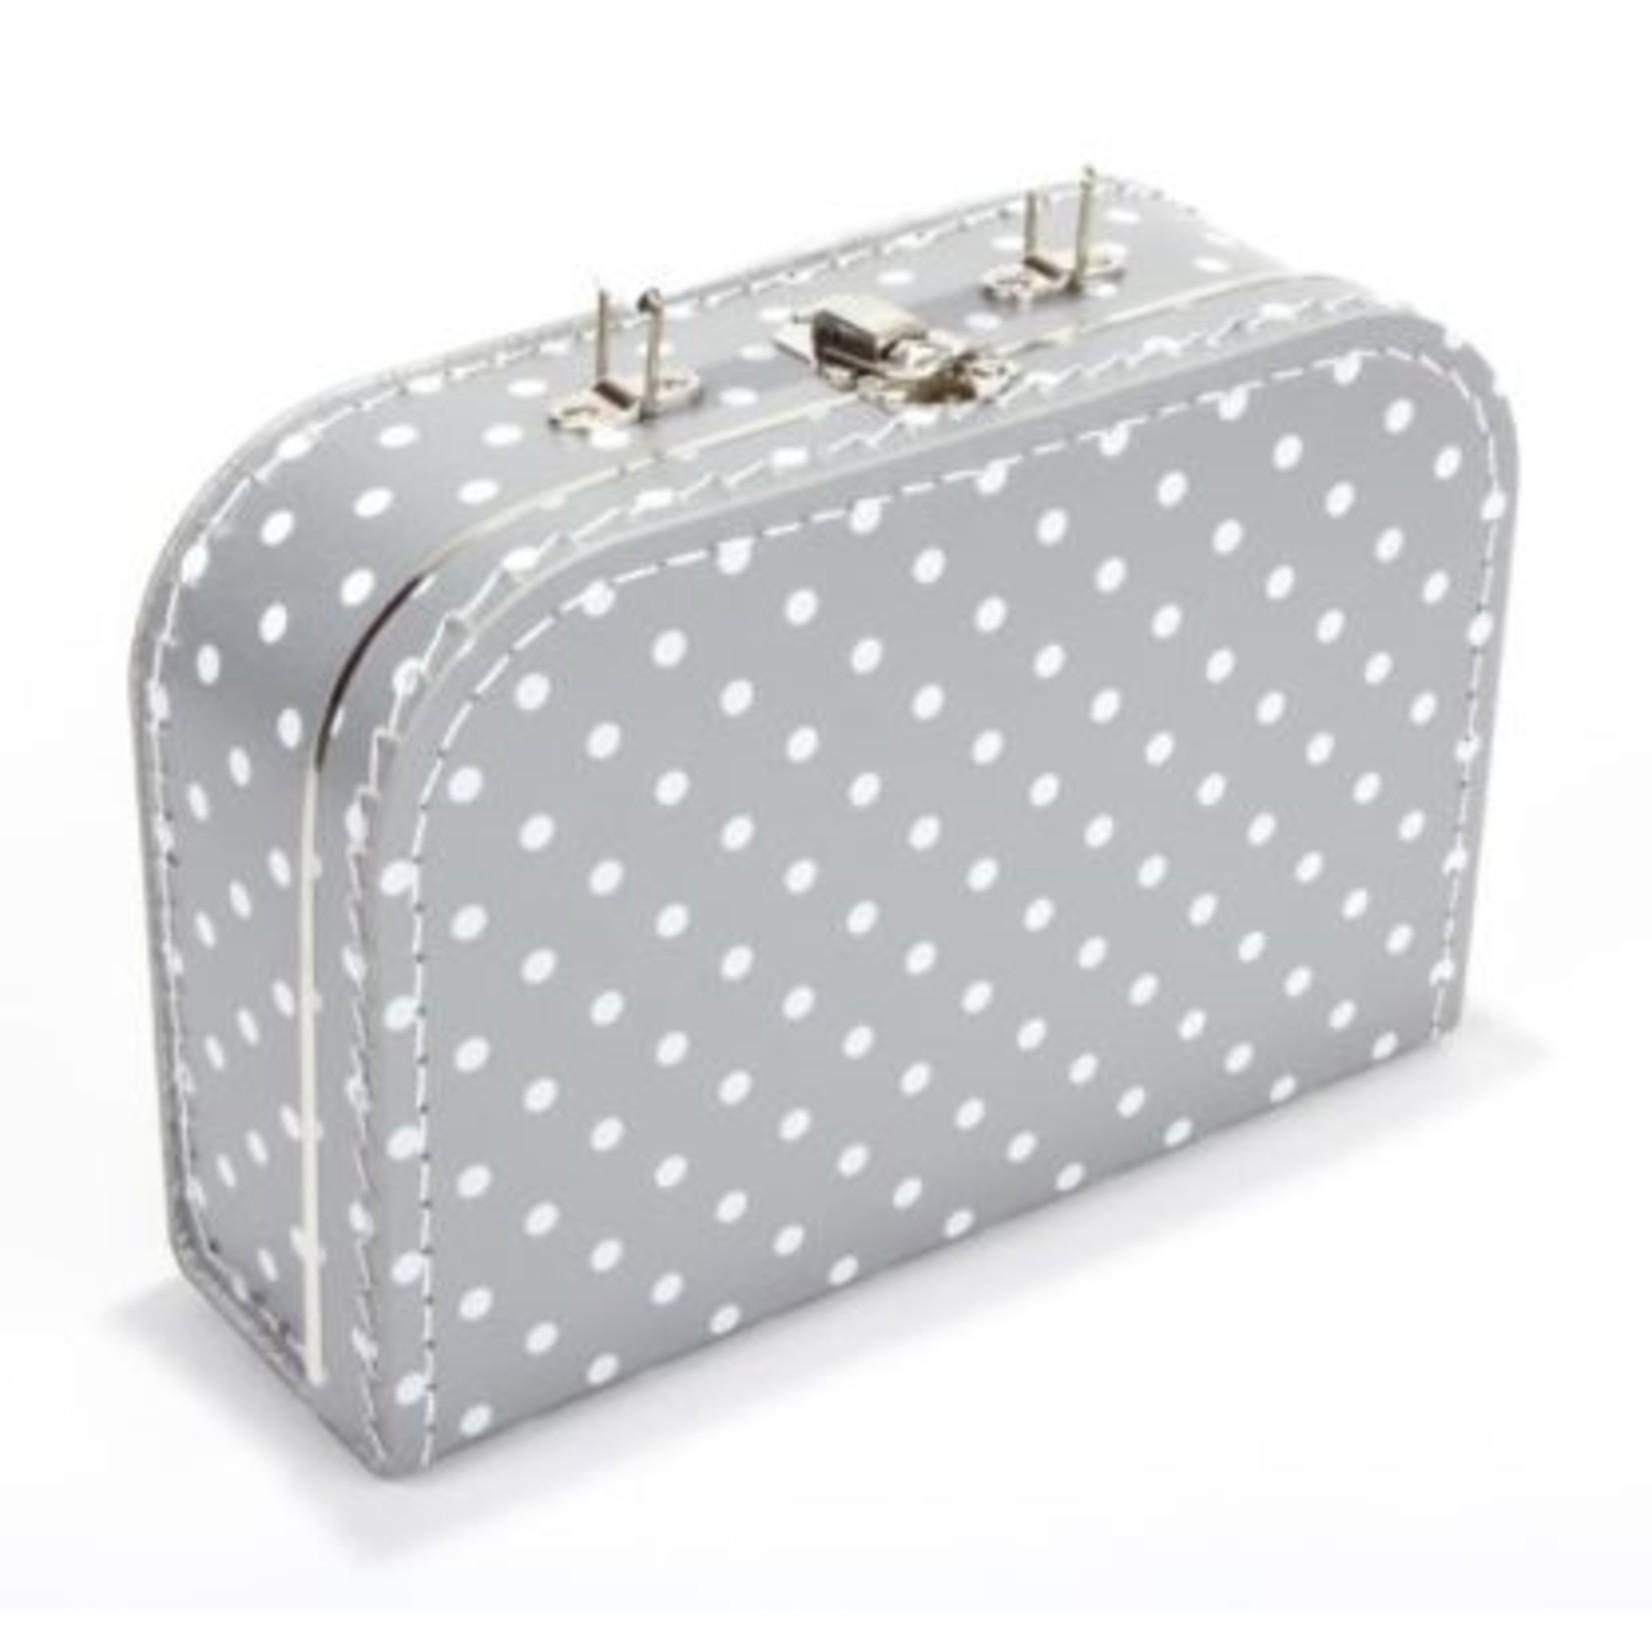 Kinderkoffertje 25cm met naam en/of figuurtje grijs met witte stippen